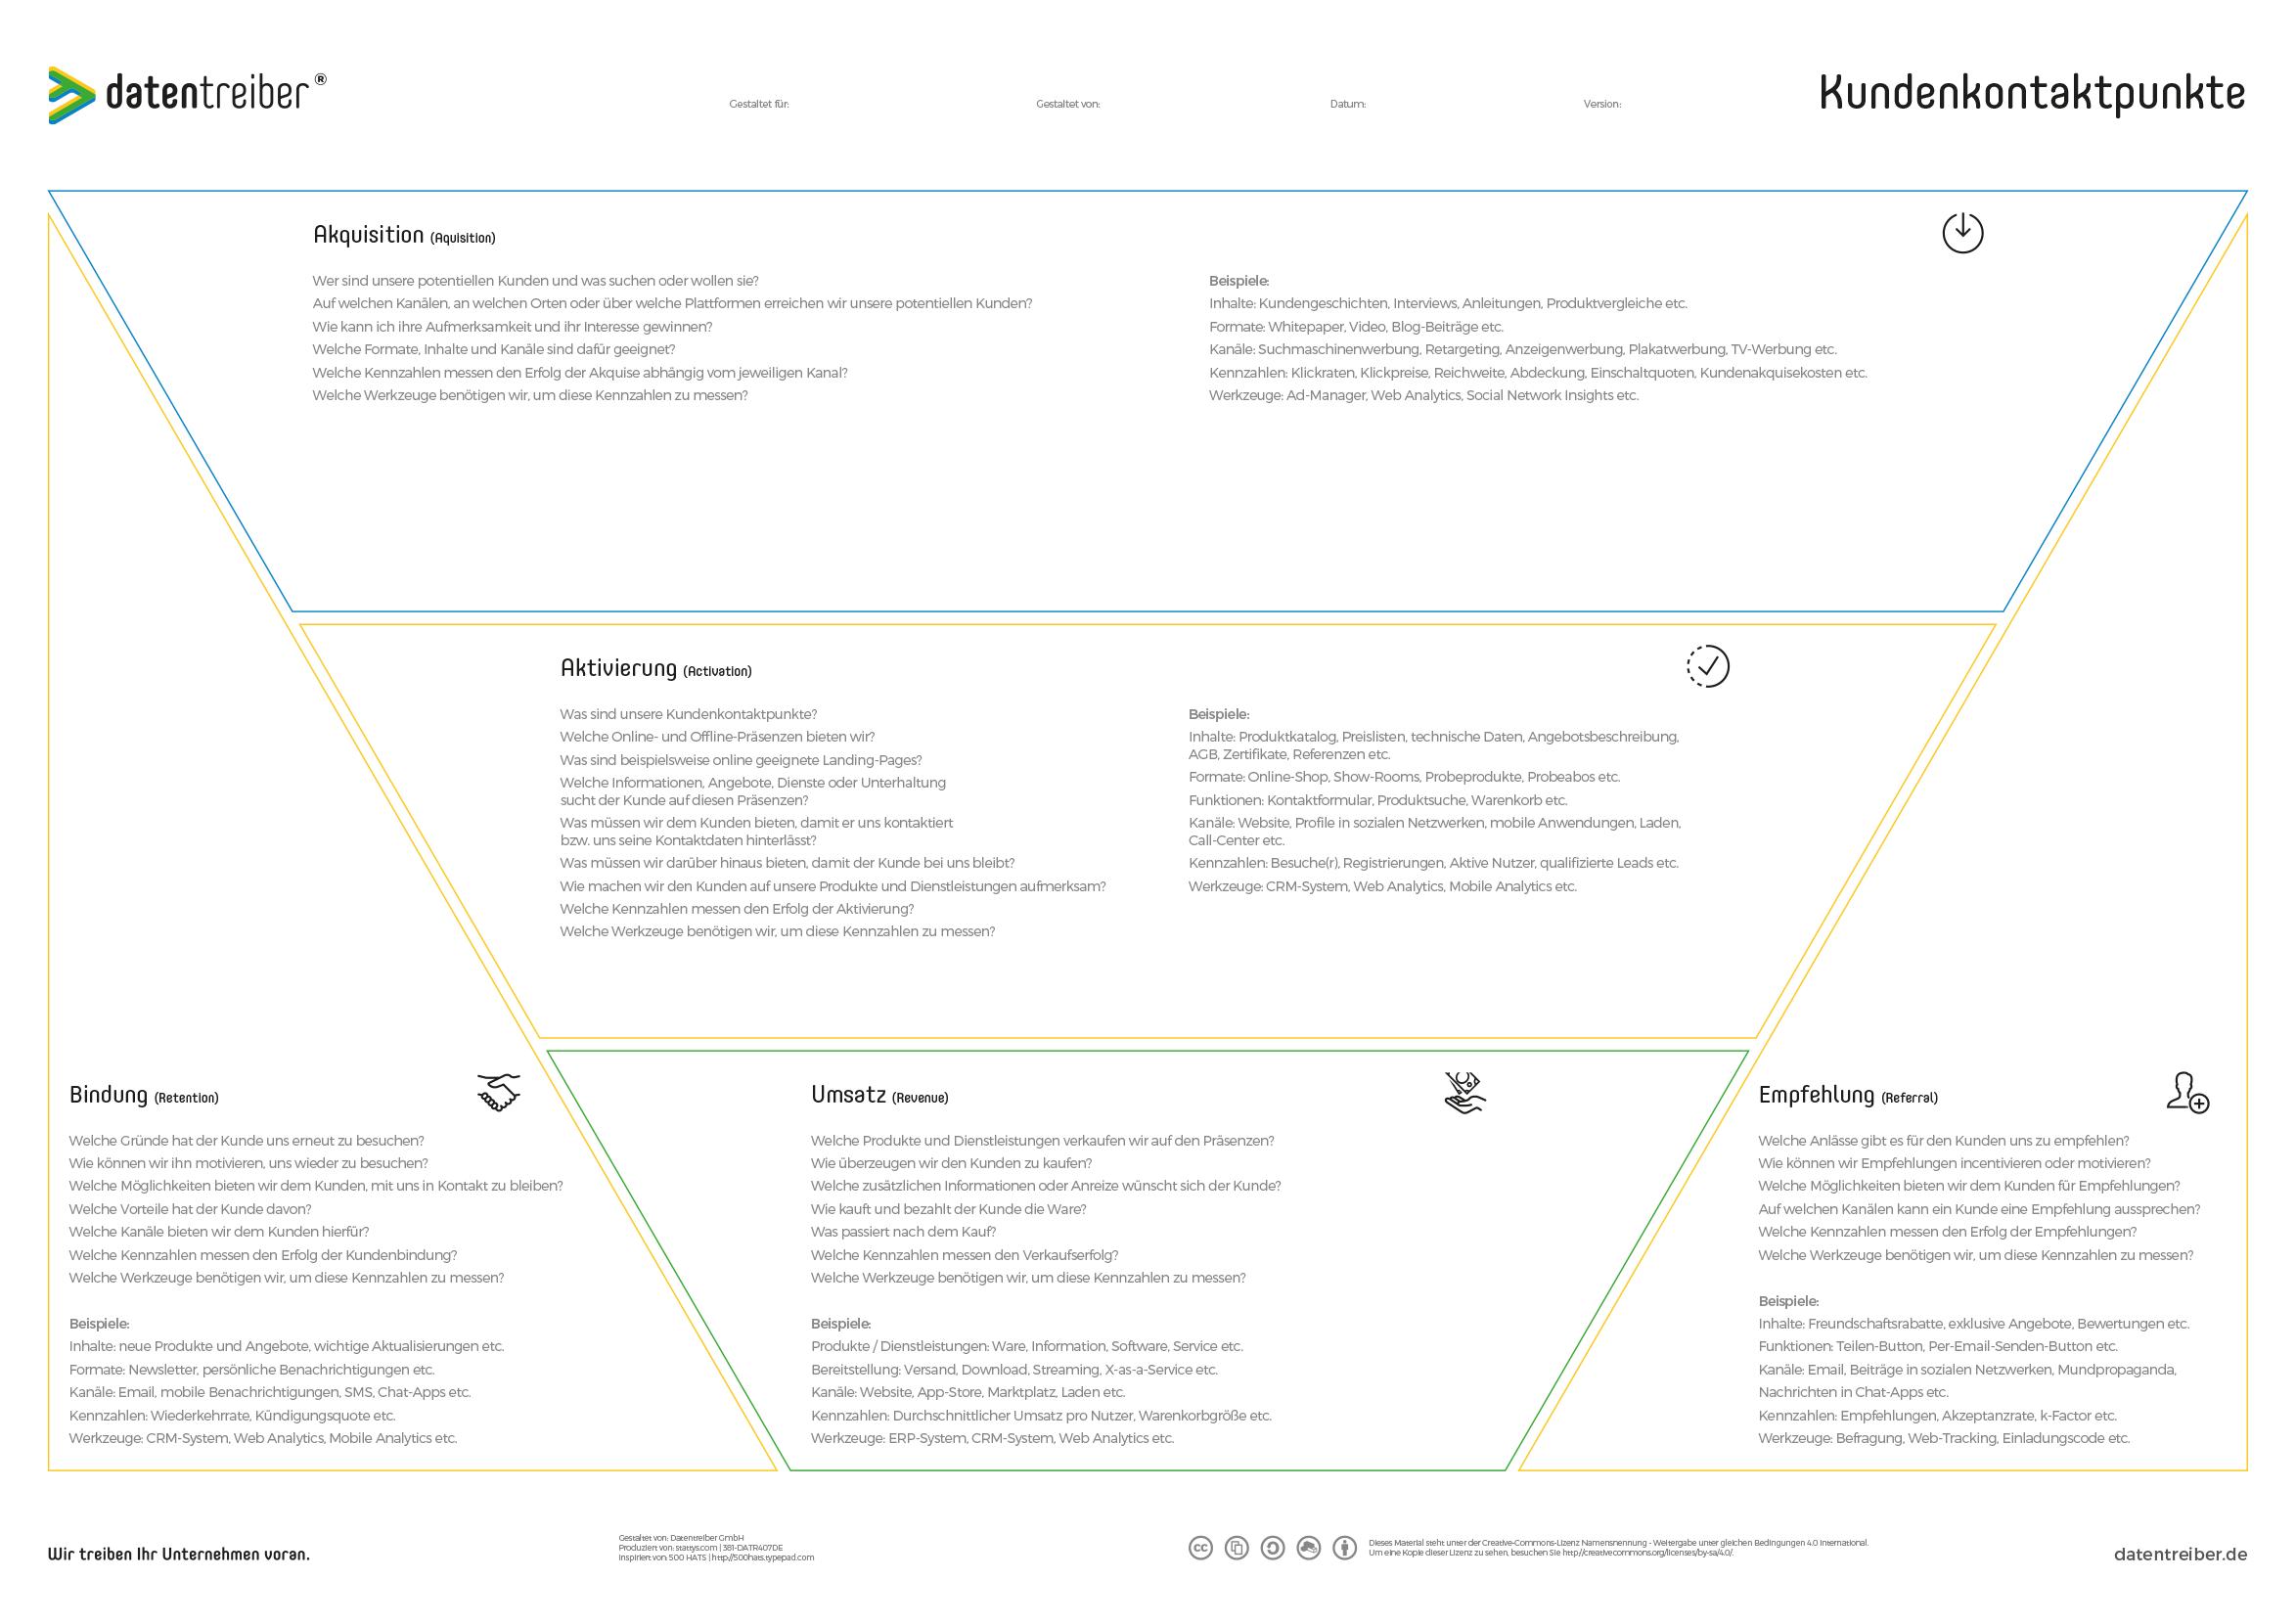 Datentreiber Kundenkontaktpunkte mit Beschreibung